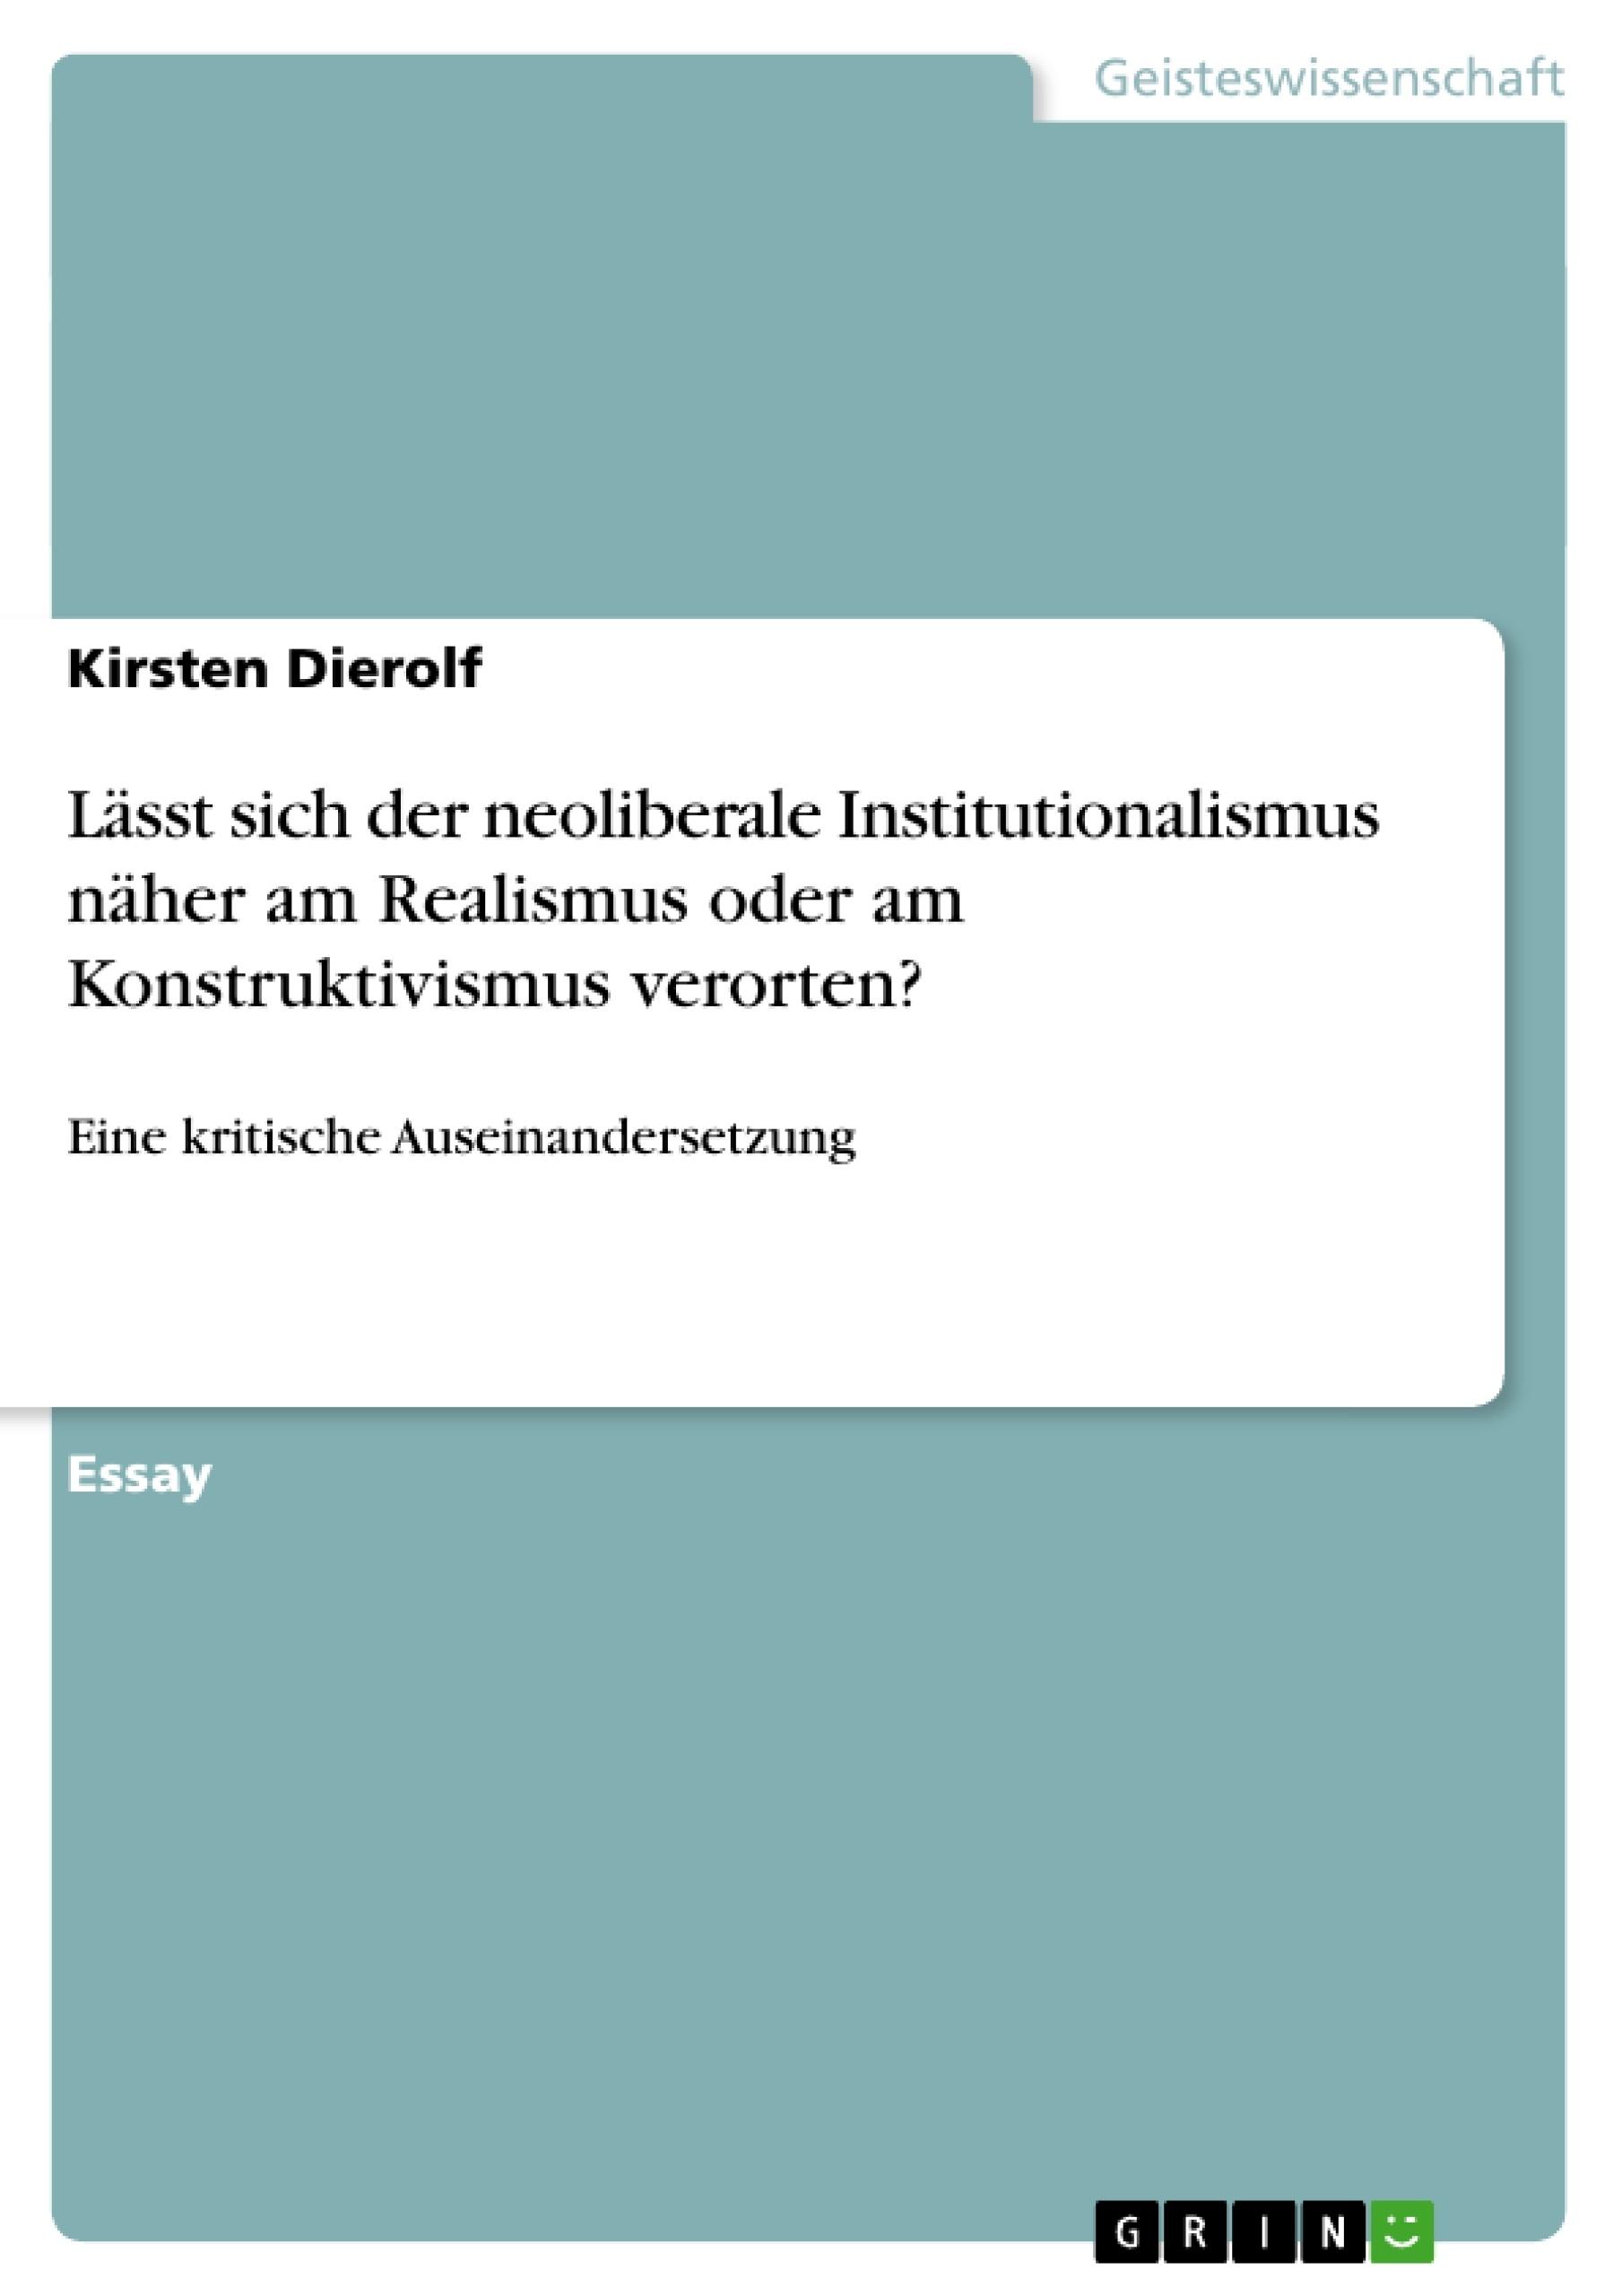 Titel: Lässt sich der neoliberale Institutionalismus näher am Realismus oder am Konstruktivismus verorten?